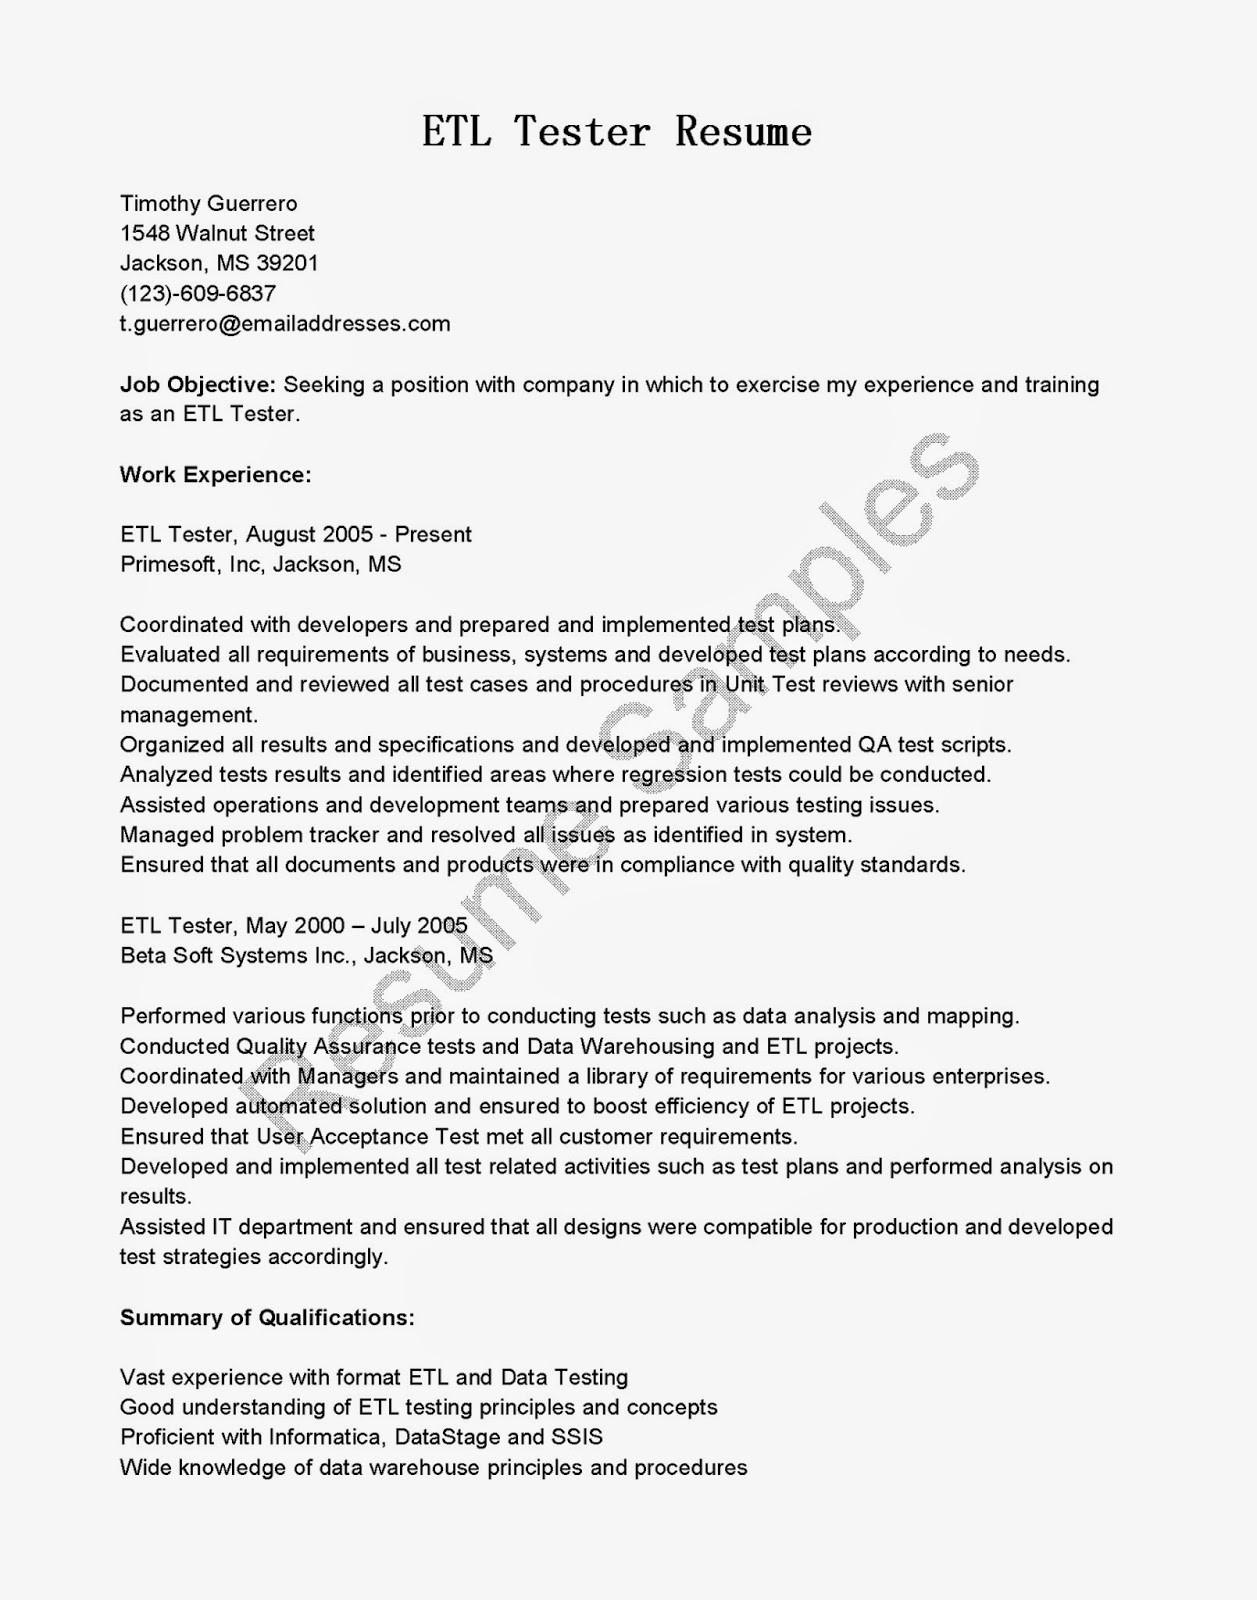 Etl Testing Sample Resume for Experienced Resume Samples Etl Tester Resume Sample